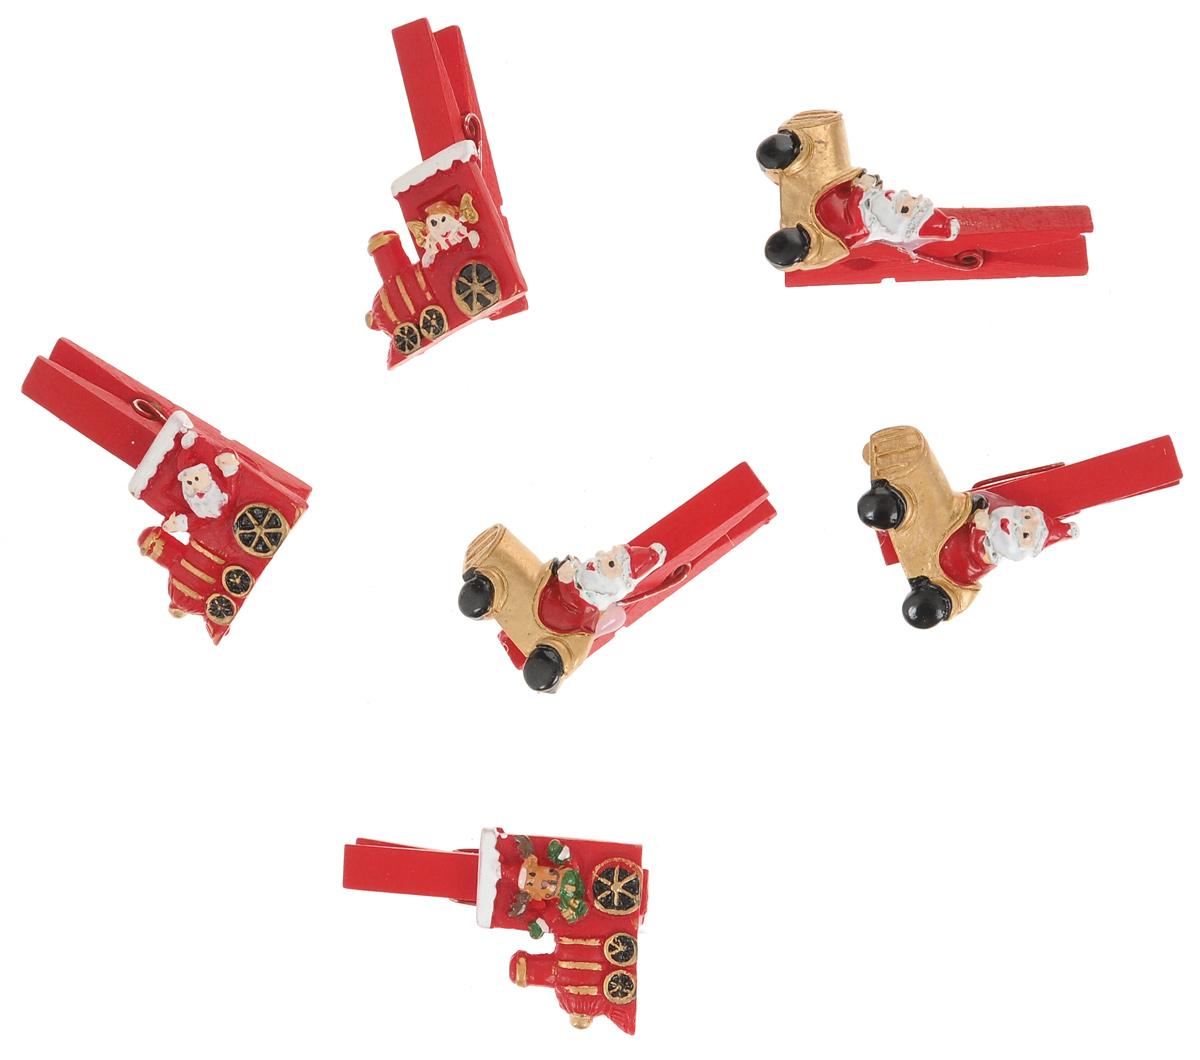 Новогодняя прищепка Феникс-презент Паровозики и машинки, 6 шт38481Новогодние прищепки Феникс-презент Паровозики и машинки выполнены из древесины березы и украшены веселыми фигурками из полирезины. Изделия используются для развешивания стикеров на веревке и маленьких игрушек, также прекрасно подойдут для декора новогодней ели. Оригинальность и веселые цвета прищепок будут радовать глаз и создадут праздничное настроение в преддверии Нового года. Размер фигурок: 3 см х 2,5 см; 3 см х 3 см.